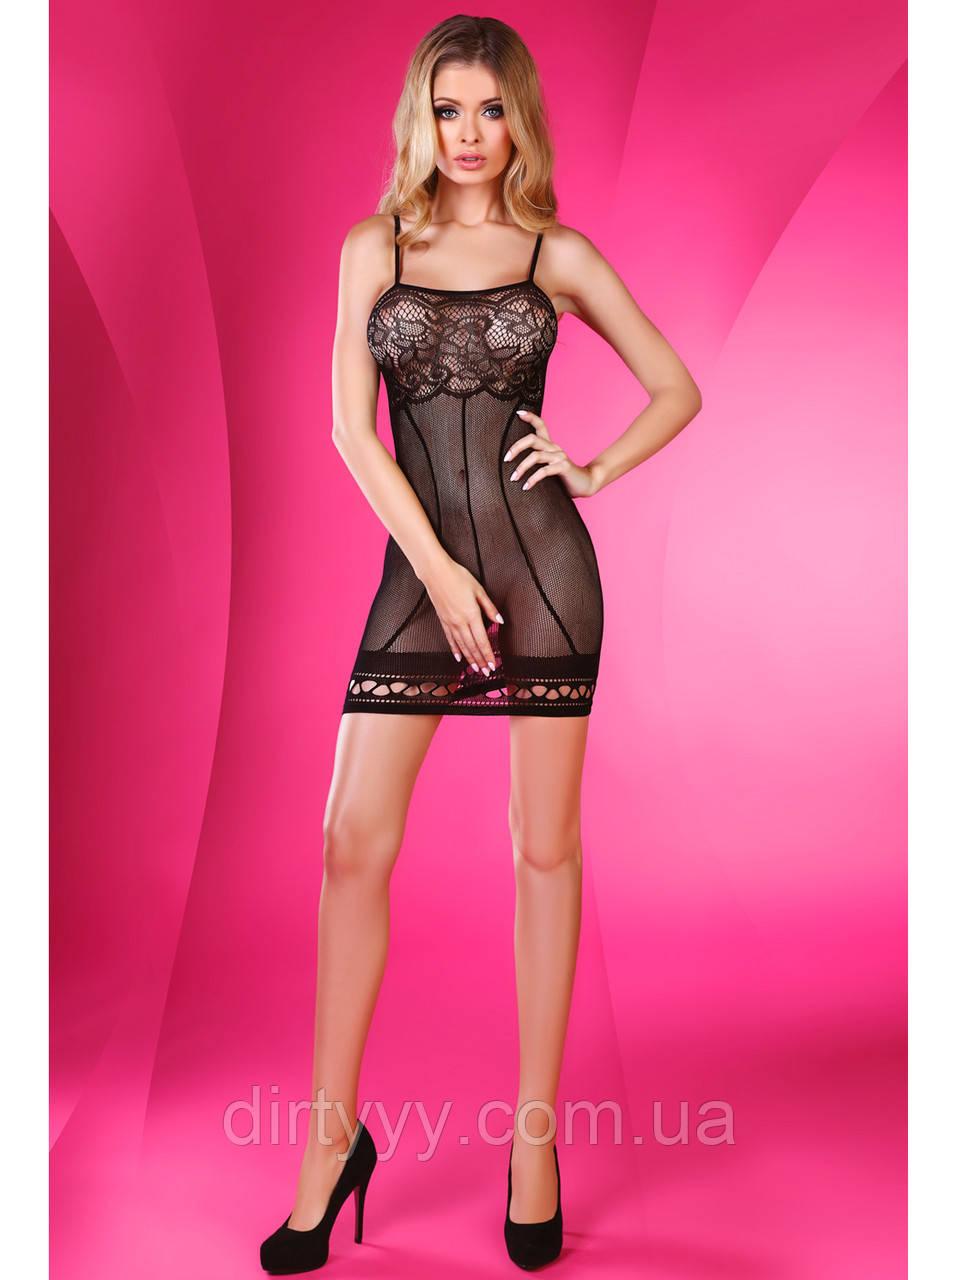 Эротическое платье - Valimai Livia Corsetti Fashion, цвет: черный